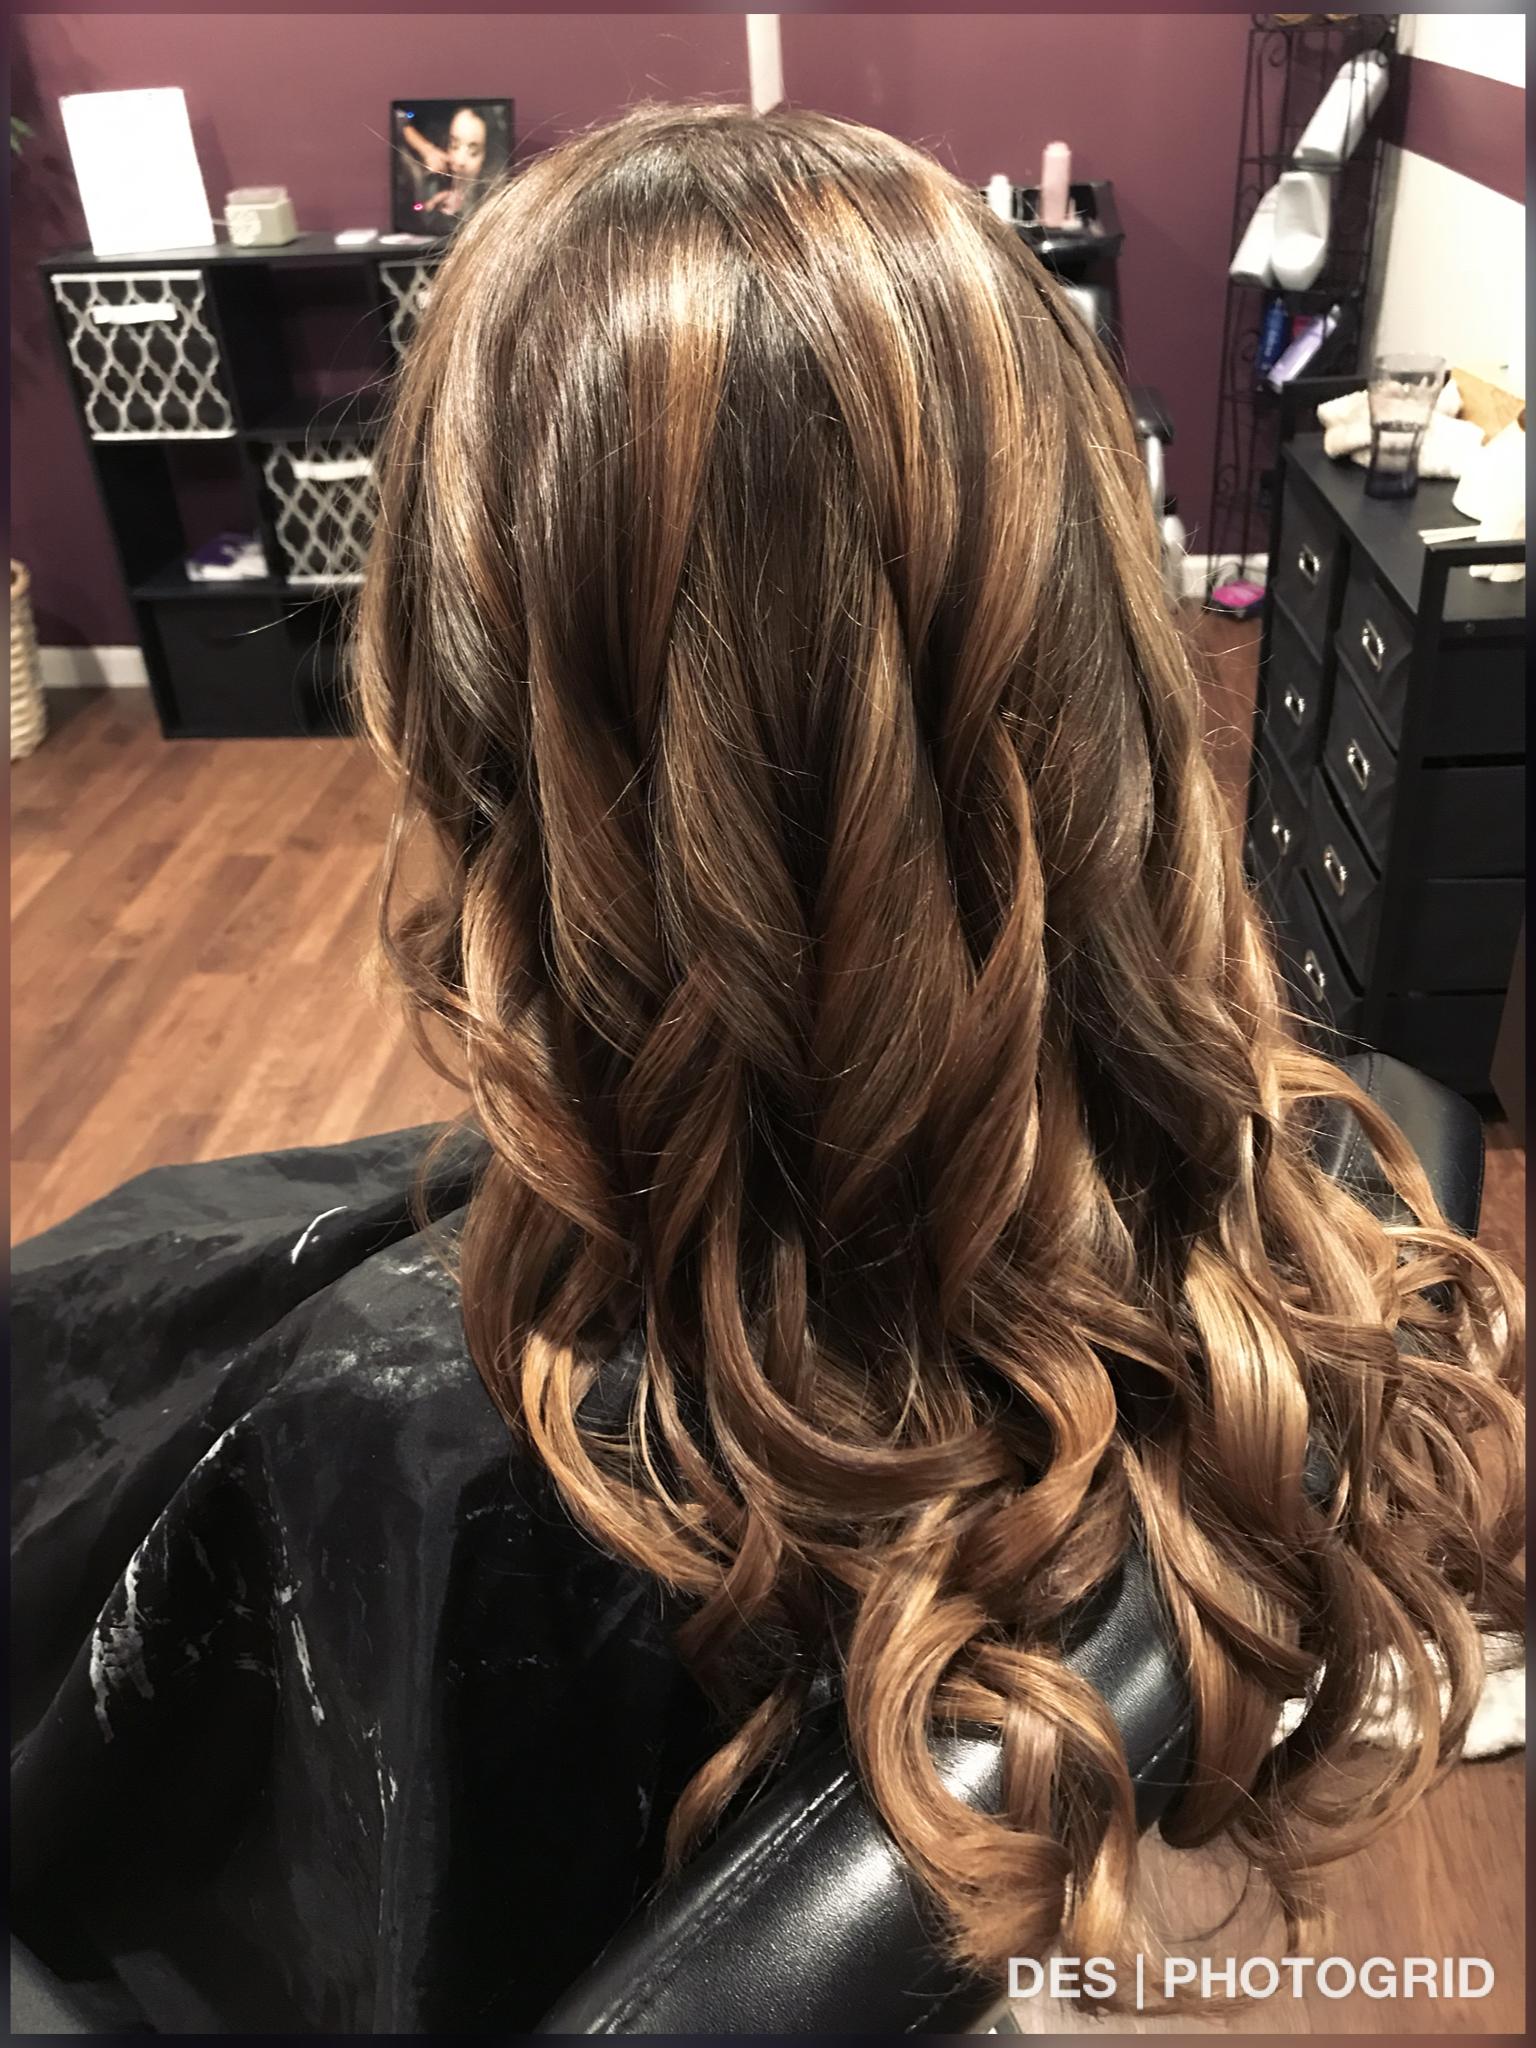 Hair Artistry Kierstyn Brown Professional Cosmetologist